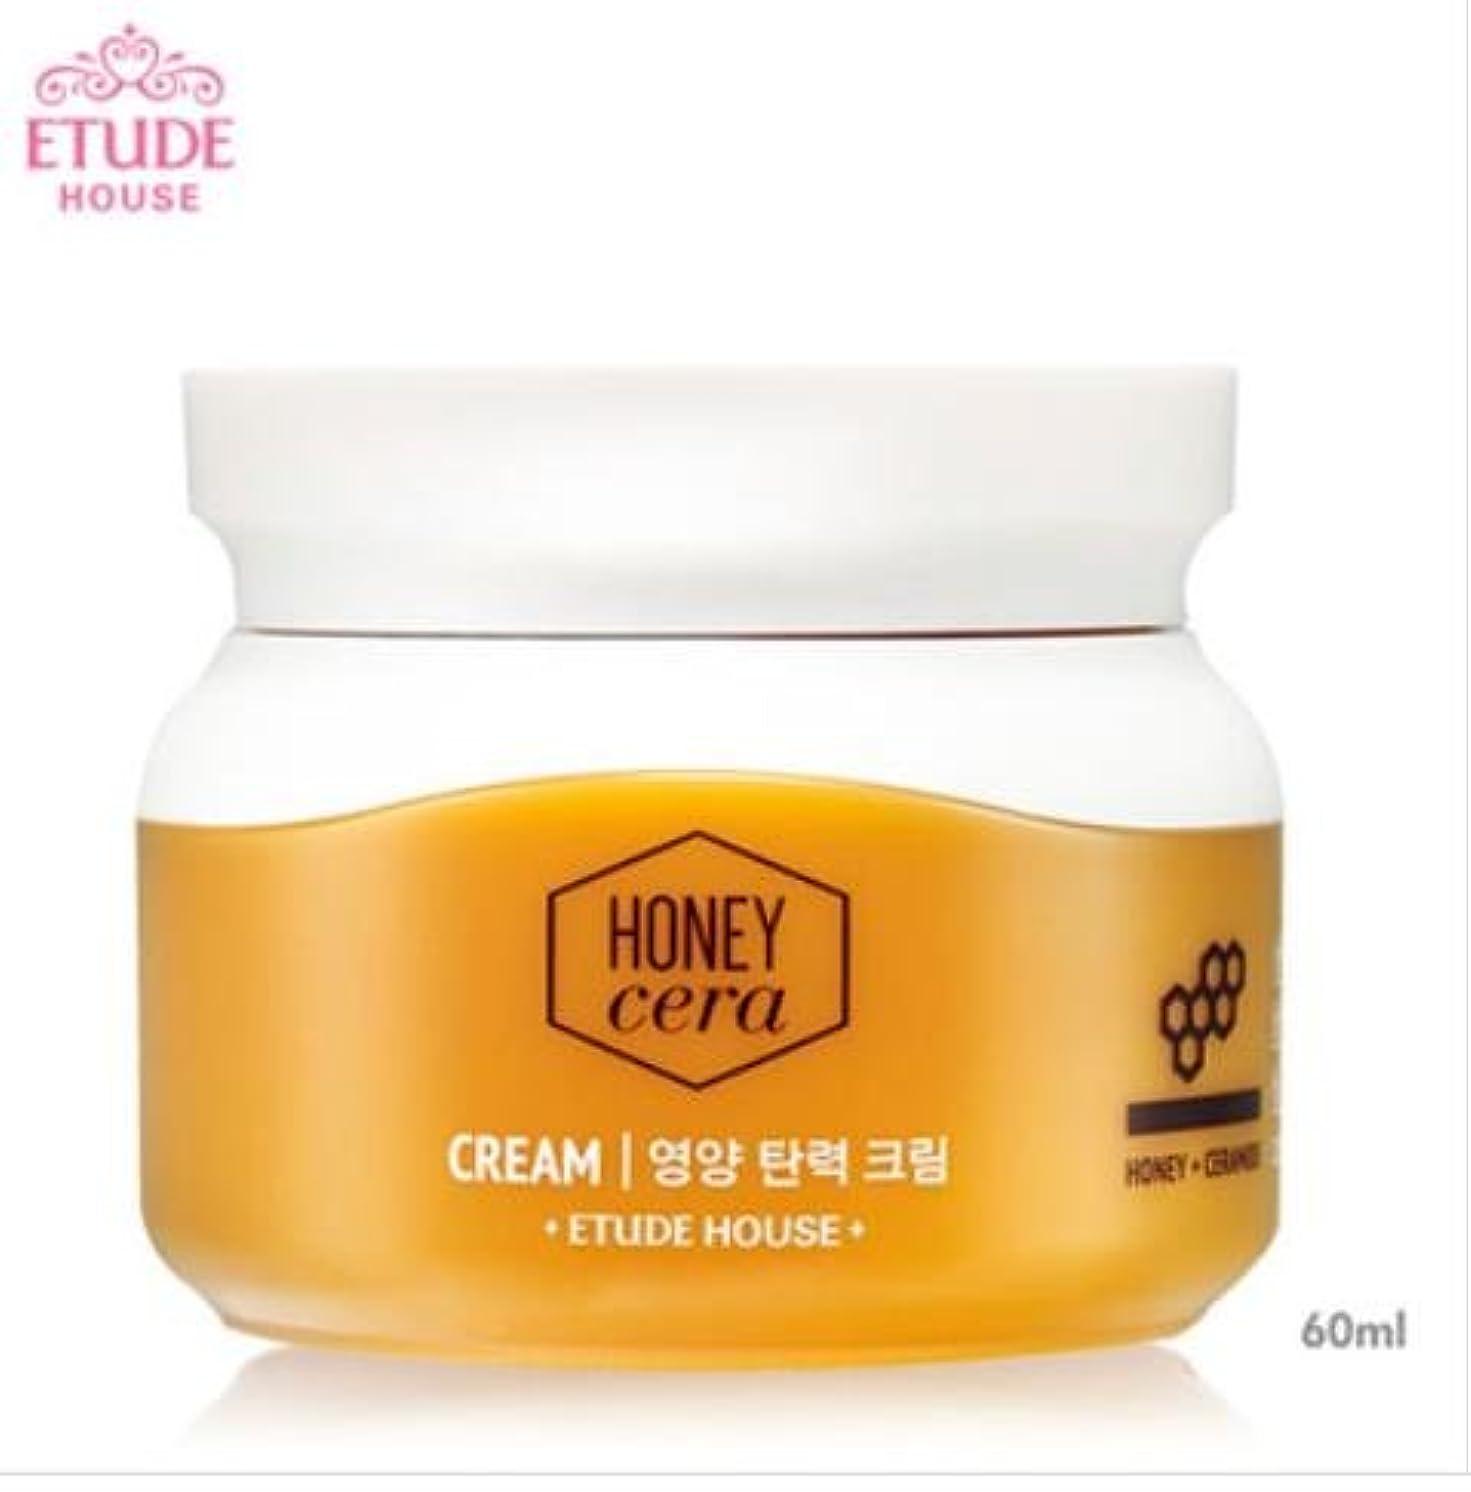 鳴らす病弱厳密に[エチュードハウス] ETUDE HOUSE [ハニーセラ 栄養弾力 クリーム 60ml](Honey Sarah nutrition elastic Cream 60ml) [並行輸入品]